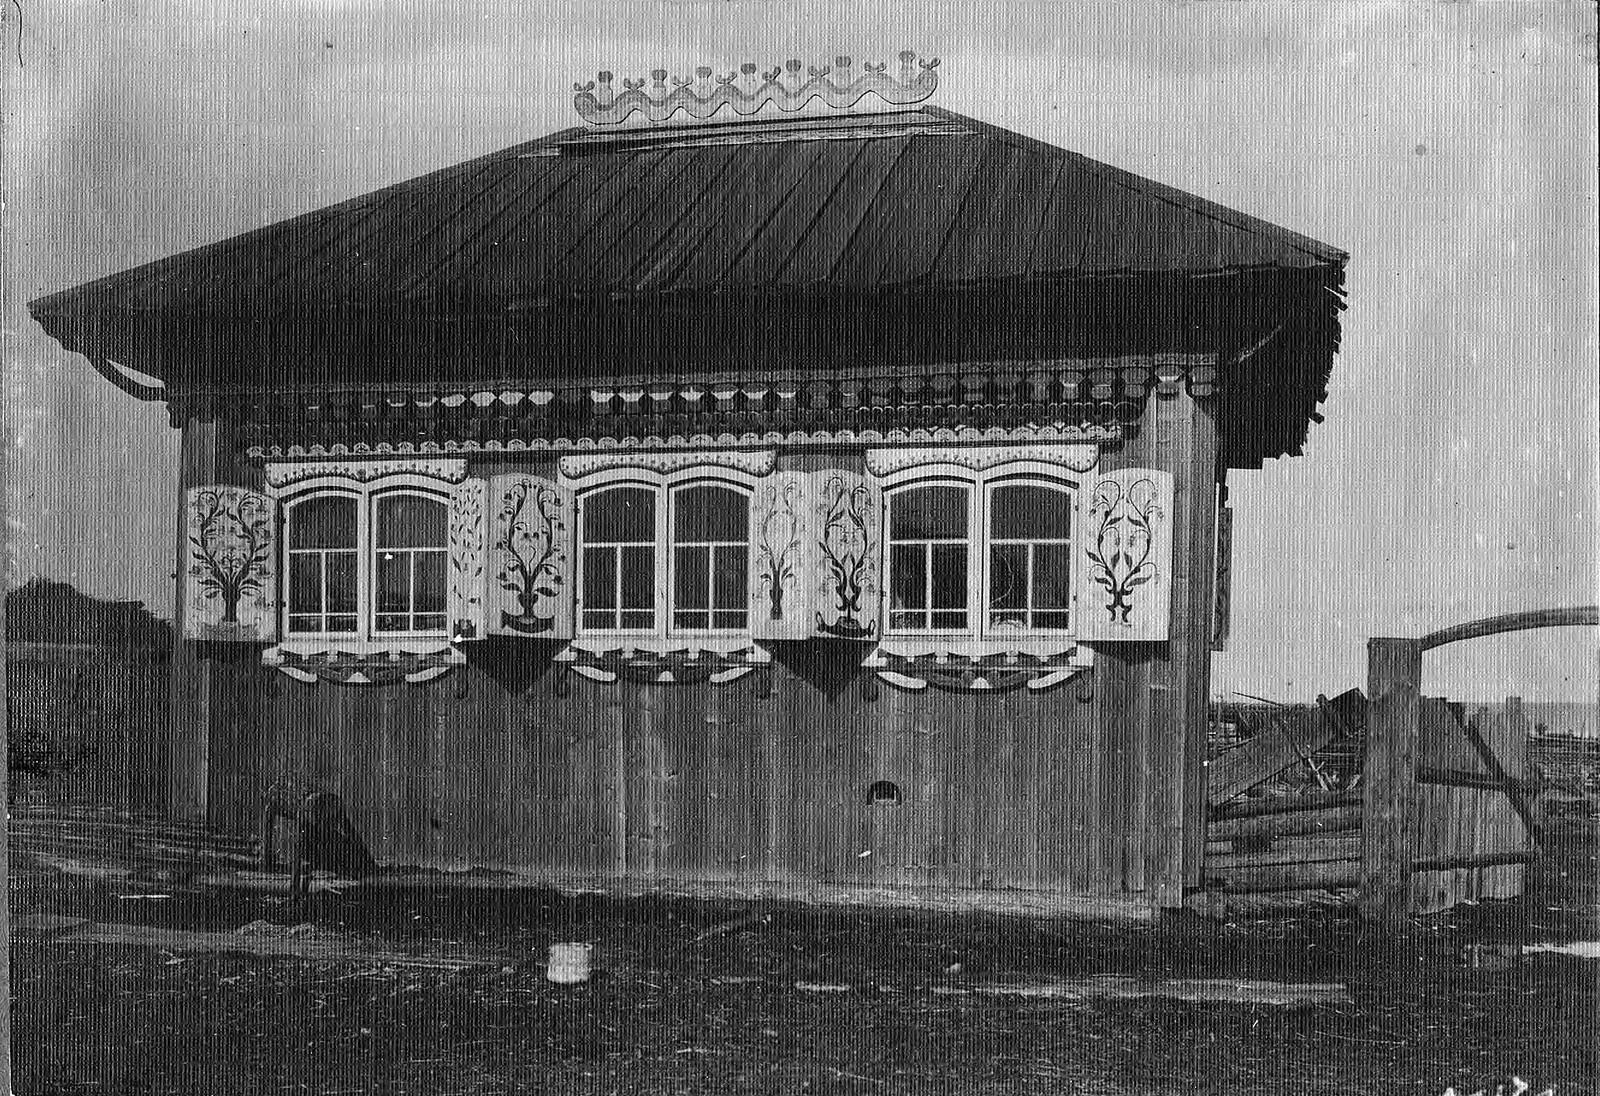 Изба в деревне Выдриной Канского уезда.